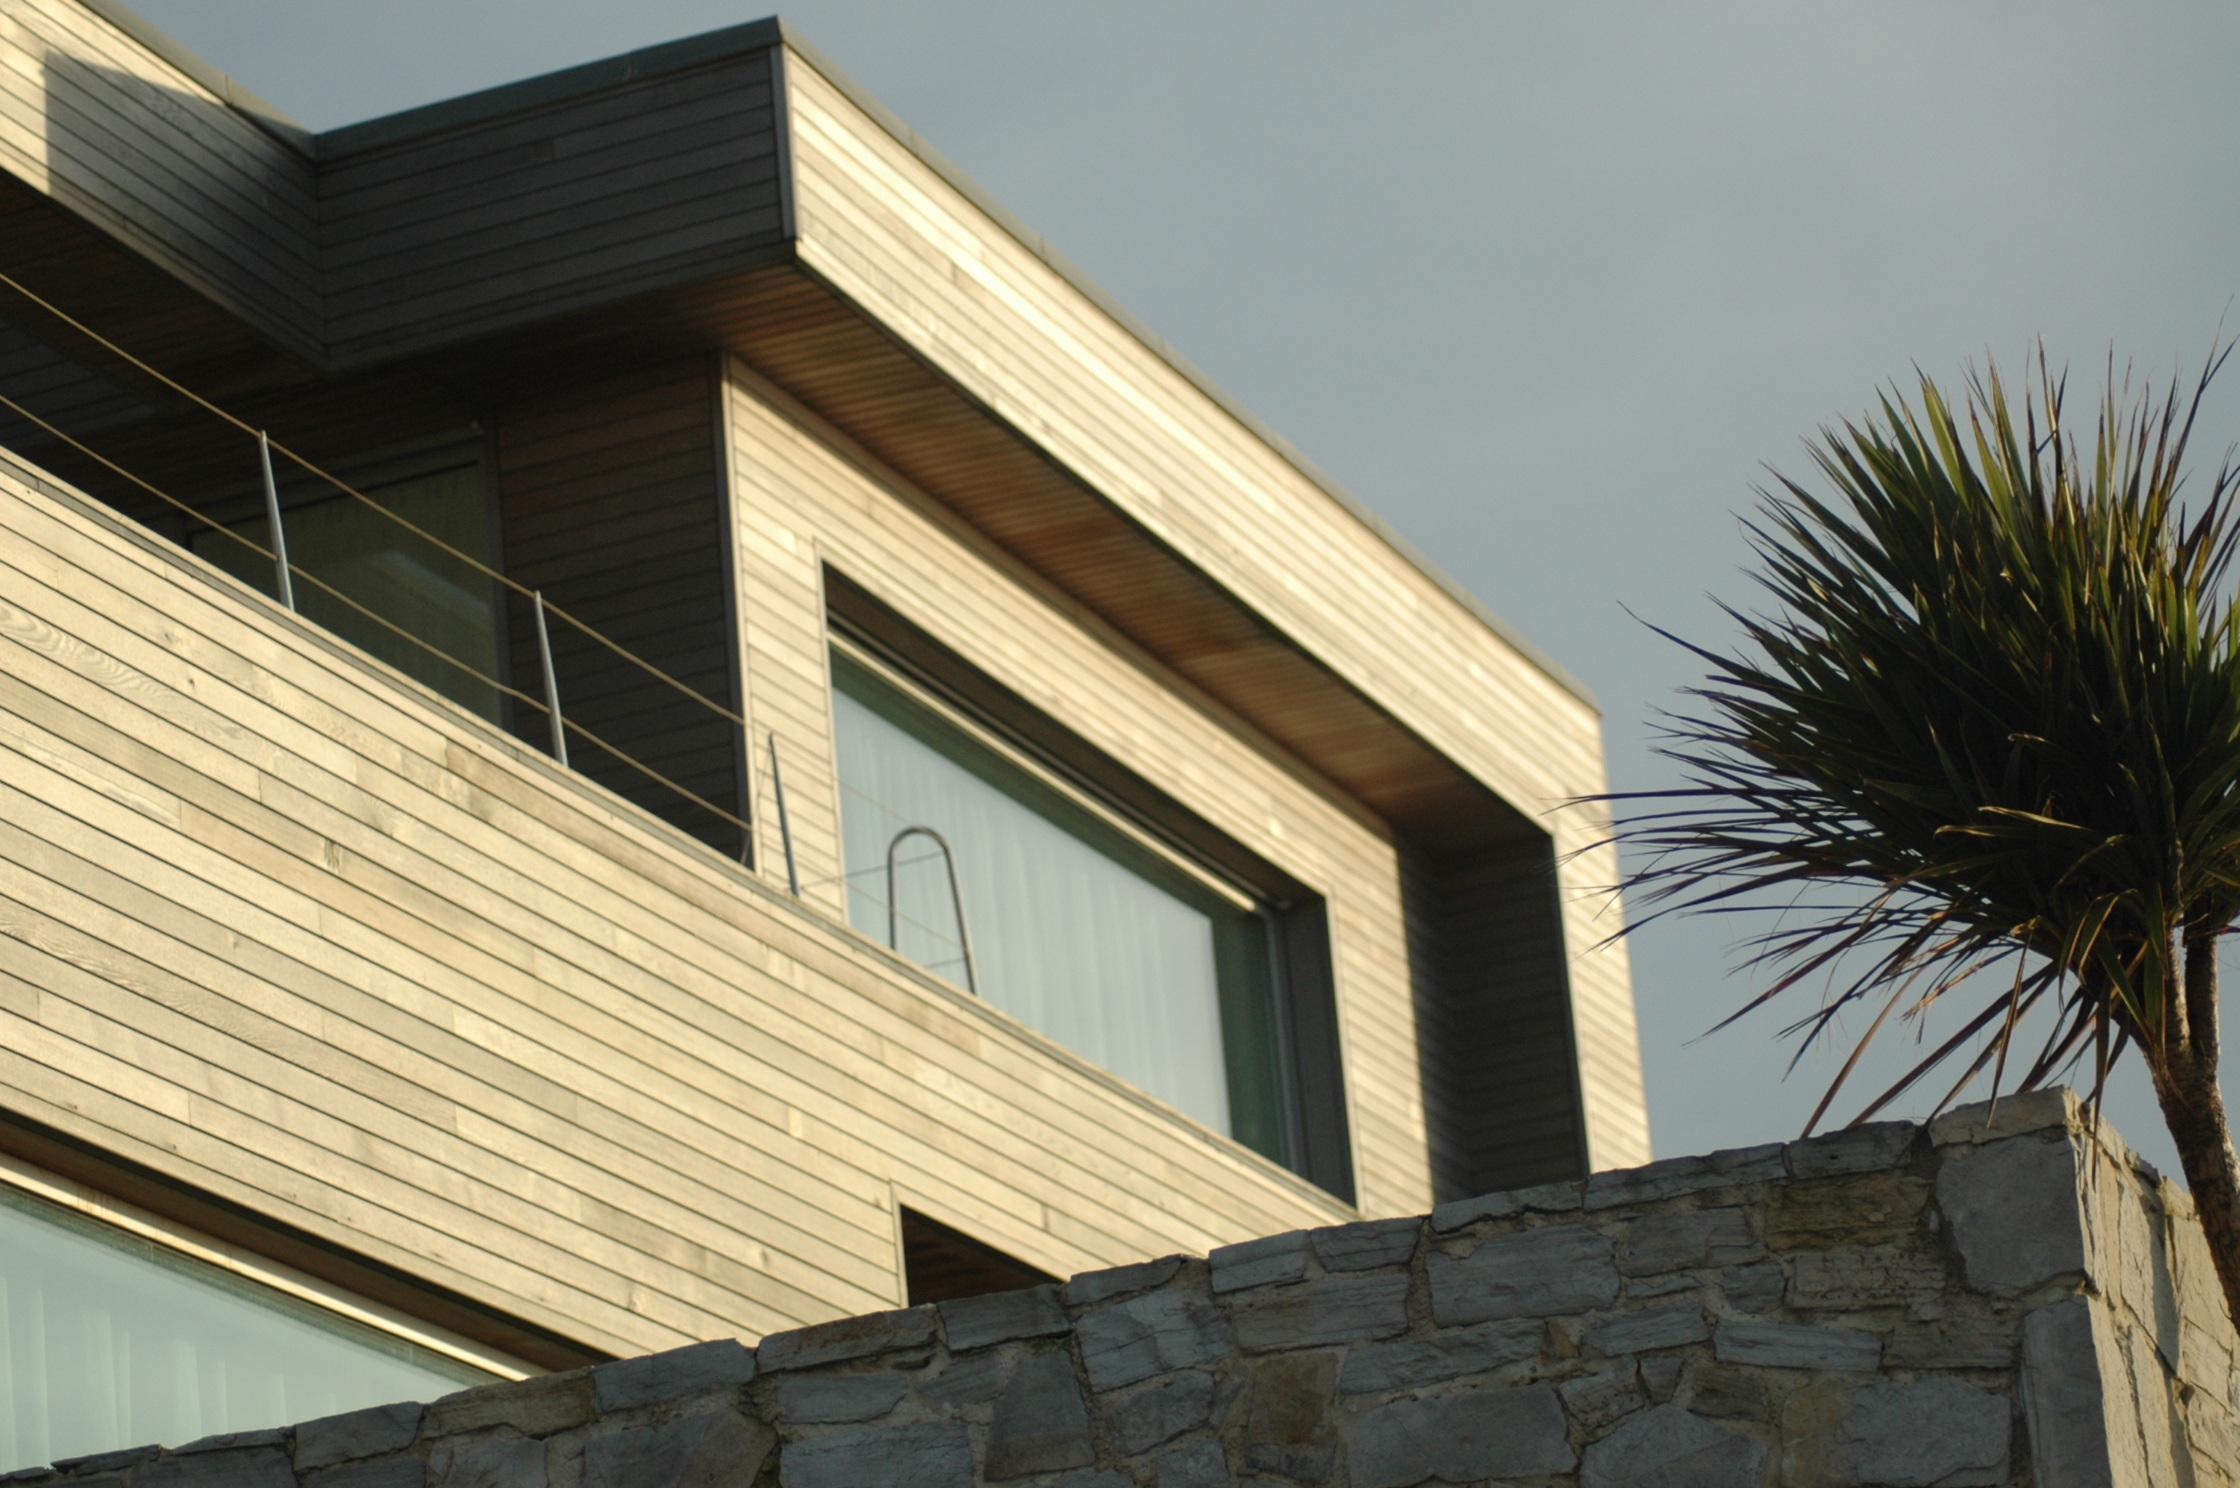 maison bois plage obtenez des id es de design int ressantes en utilisant du bois. Black Bedroom Furniture Sets. Home Design Ideas